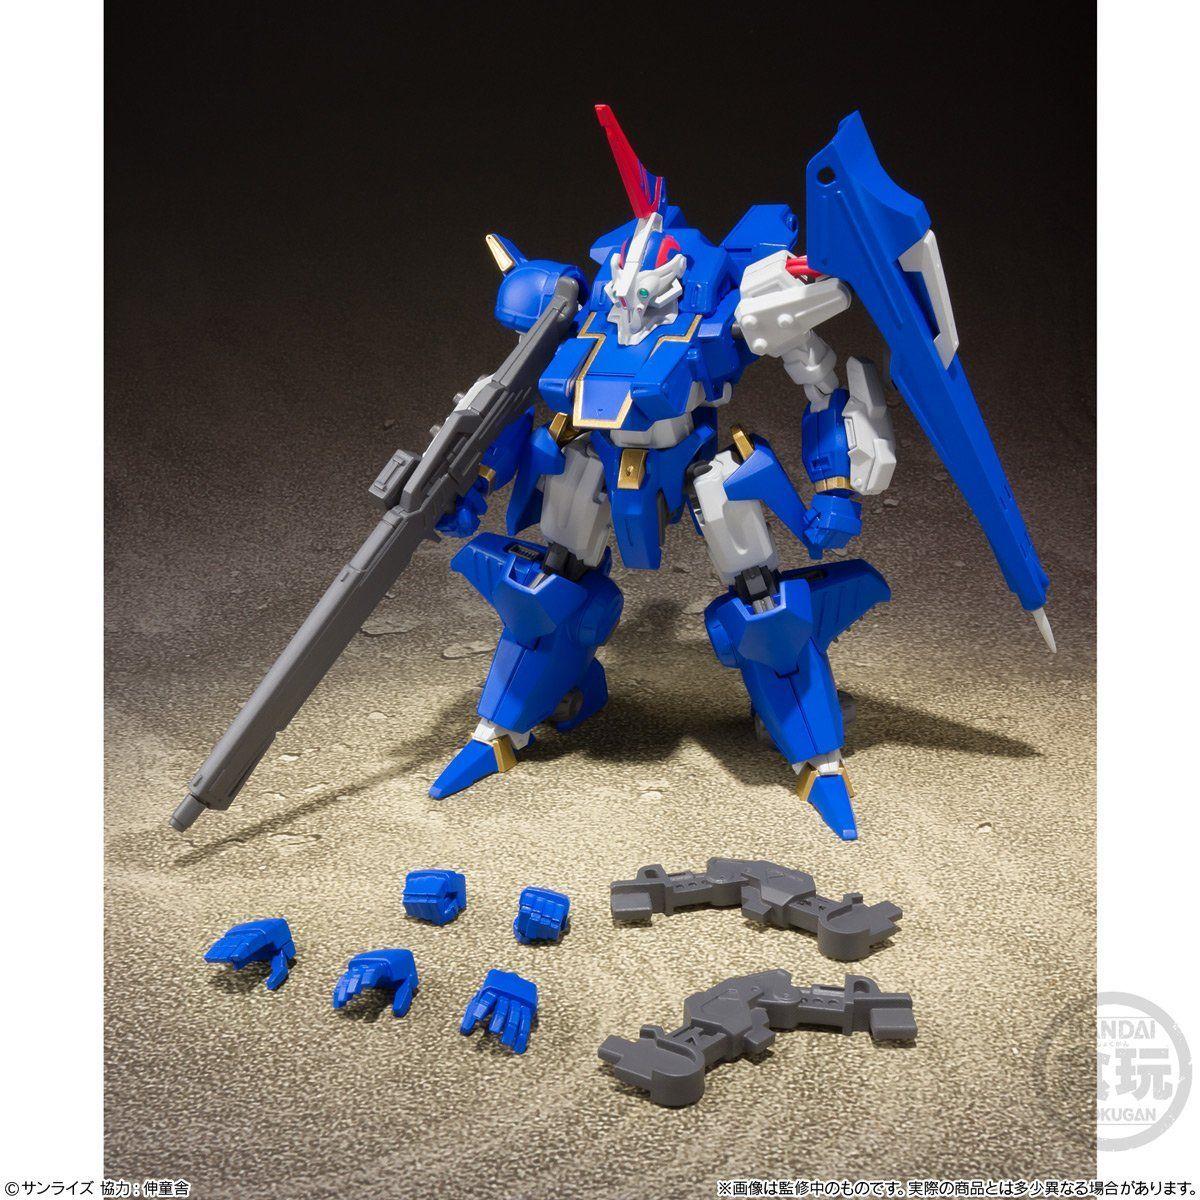 【食玩】スーパーミニプラ『青の騎士ベルゼルガ物語 Vol.3』プラモデル 3個入りBOX-002